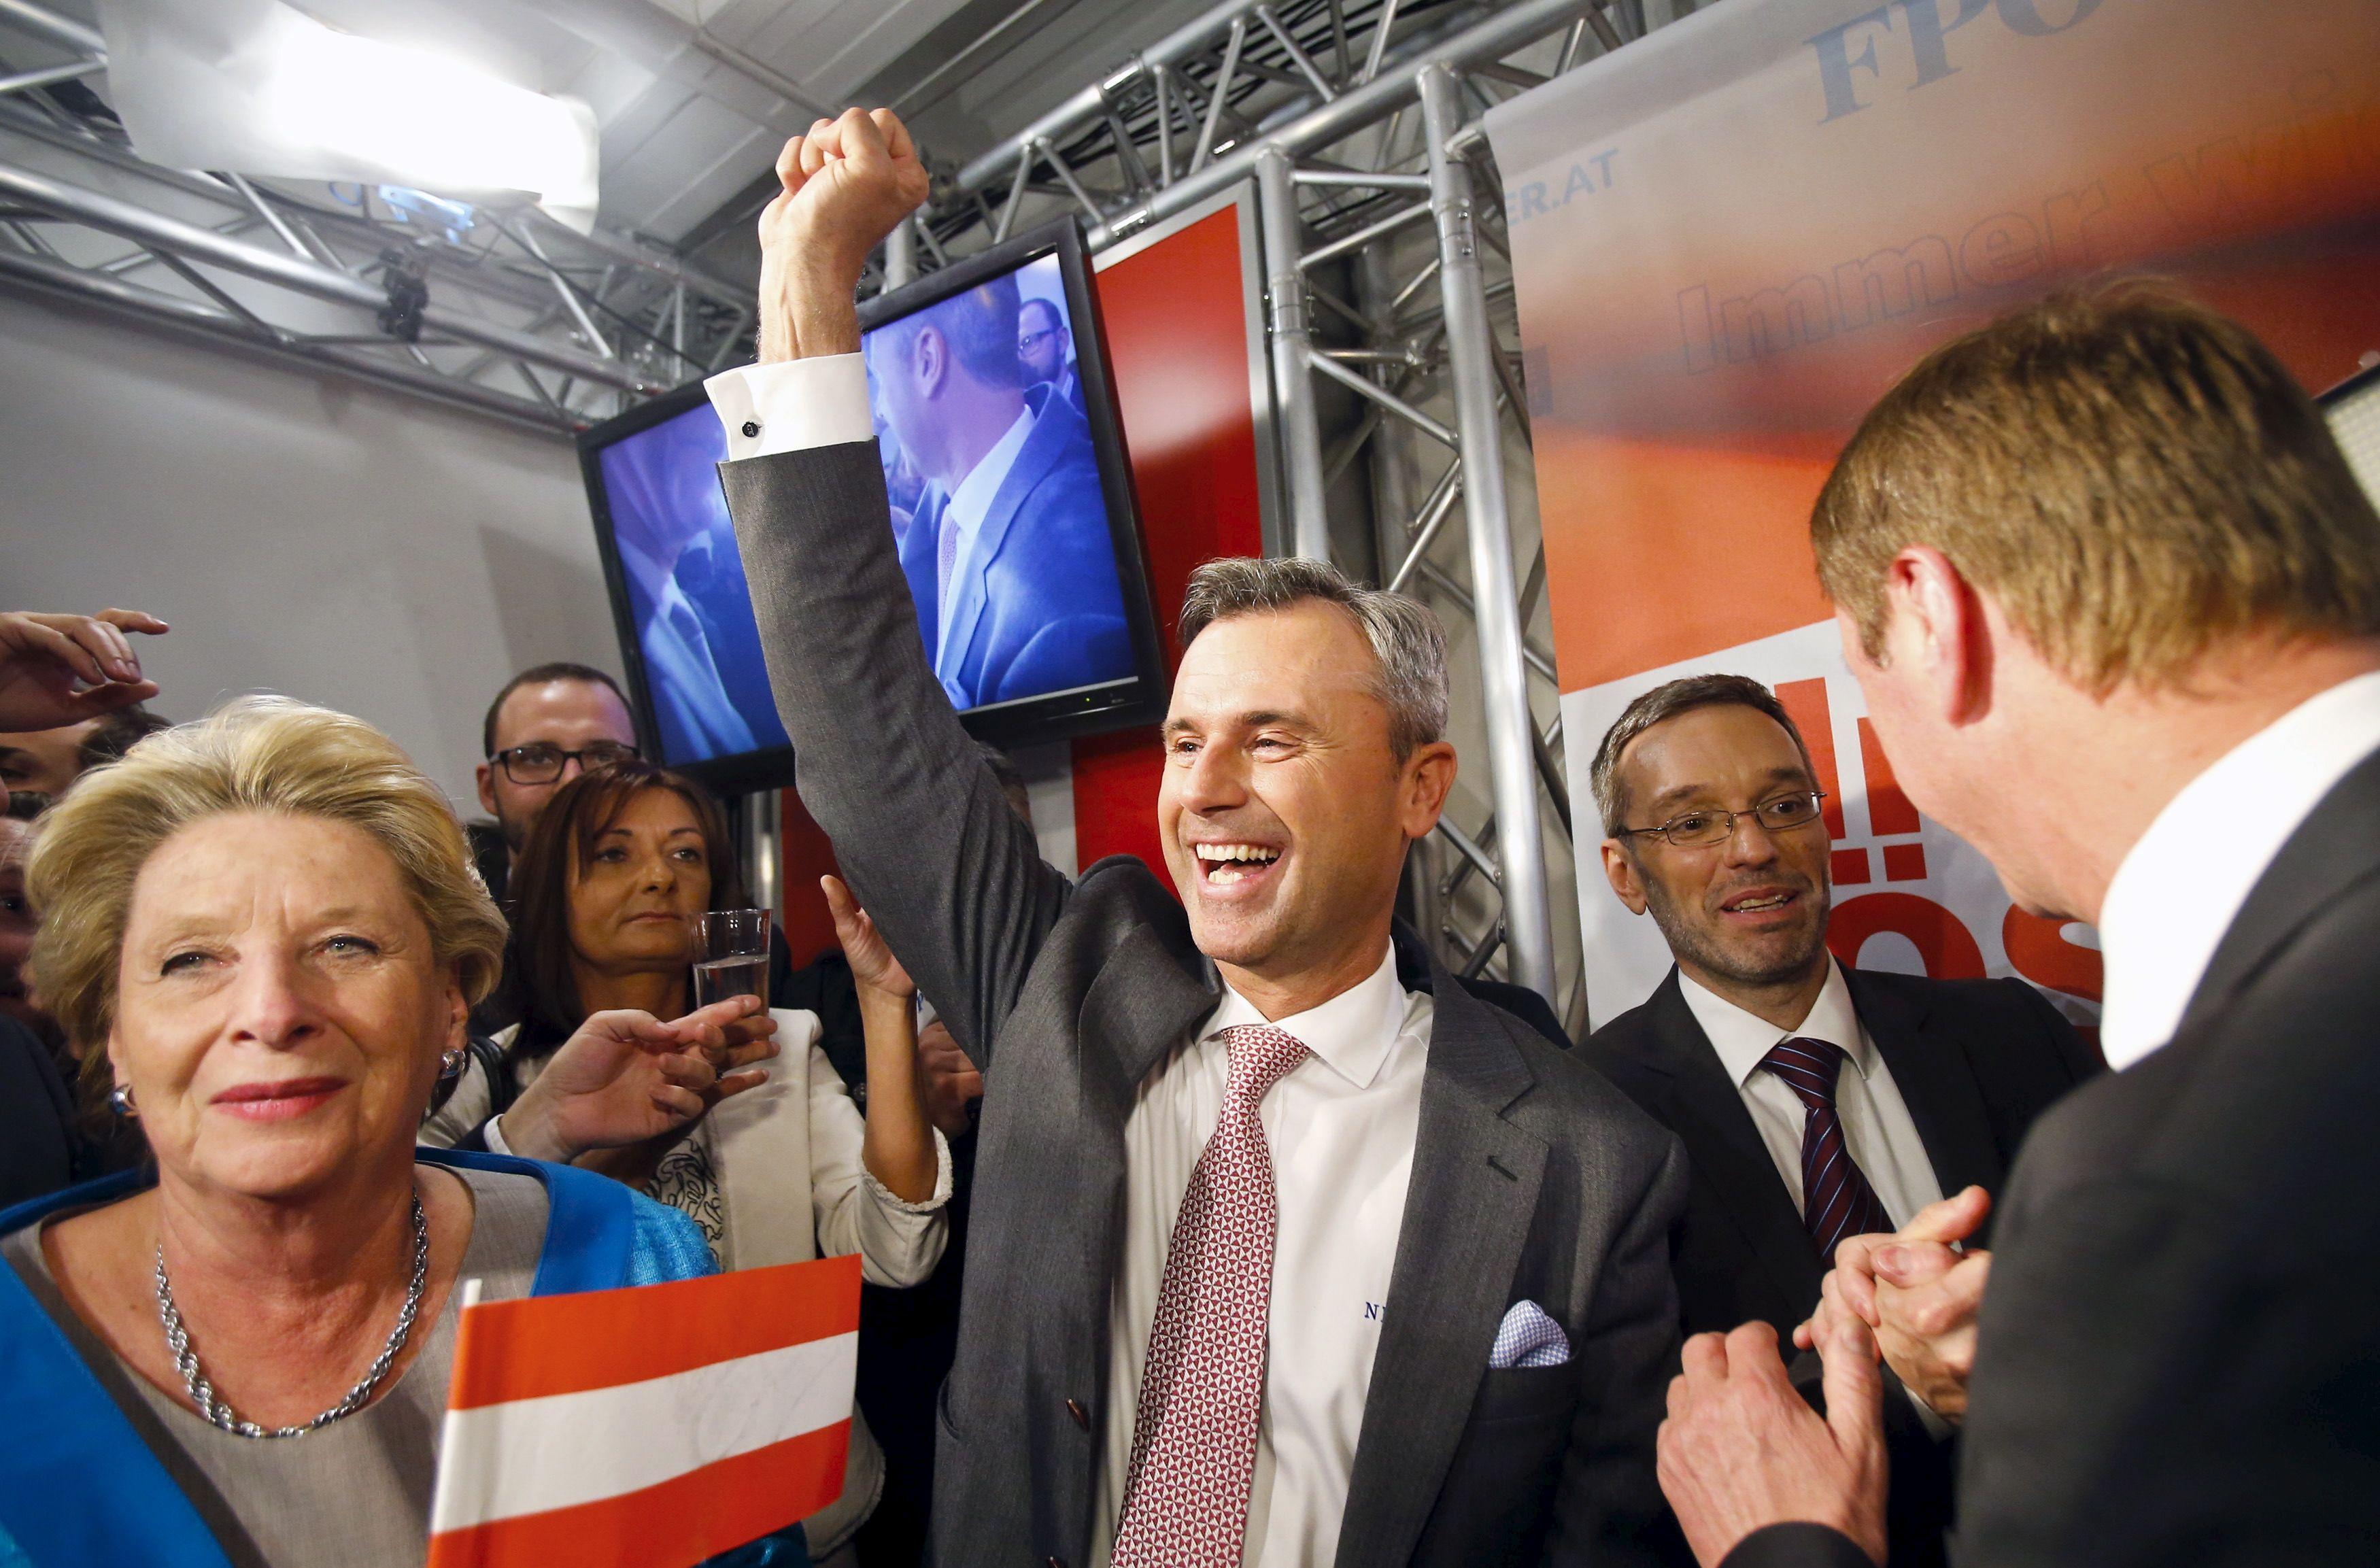 Norbert Hofer au siège du Parti de la liberté d'Autriche (FPÖ) le soir de sa victoire le 24 avril 2016 à Vienne en Autriche